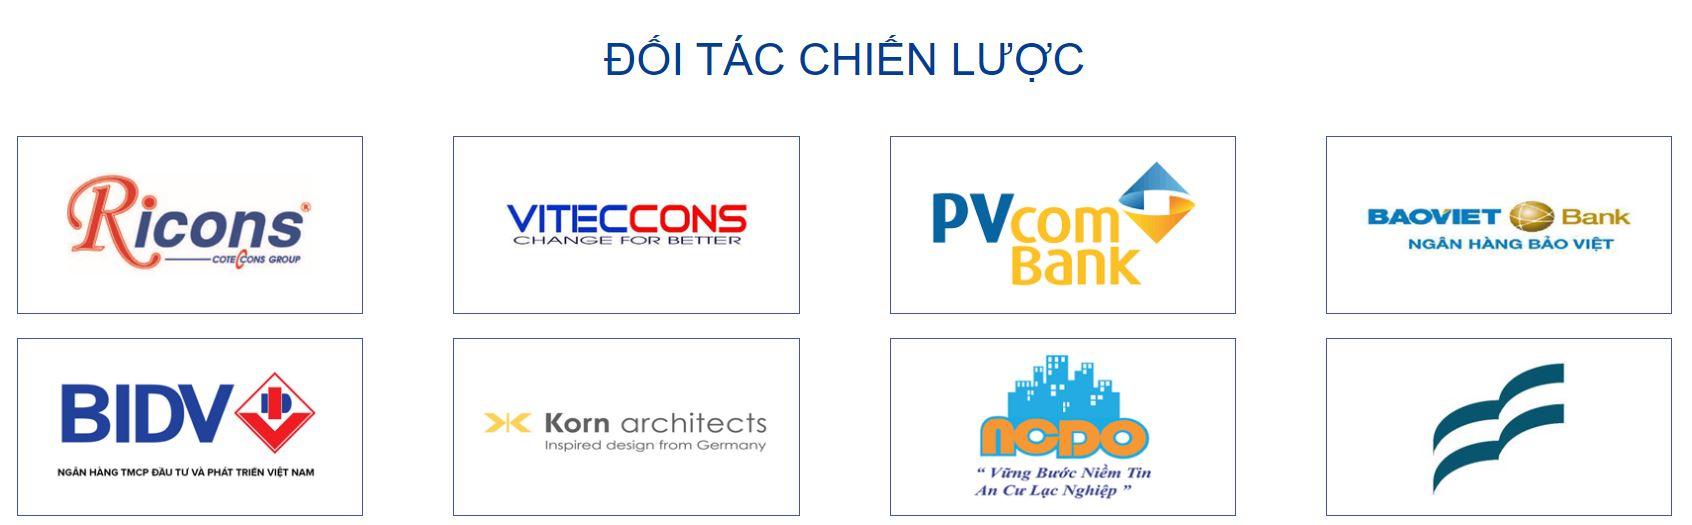 Các đối tác chiến lược của chủ đầu tư Phương Việt